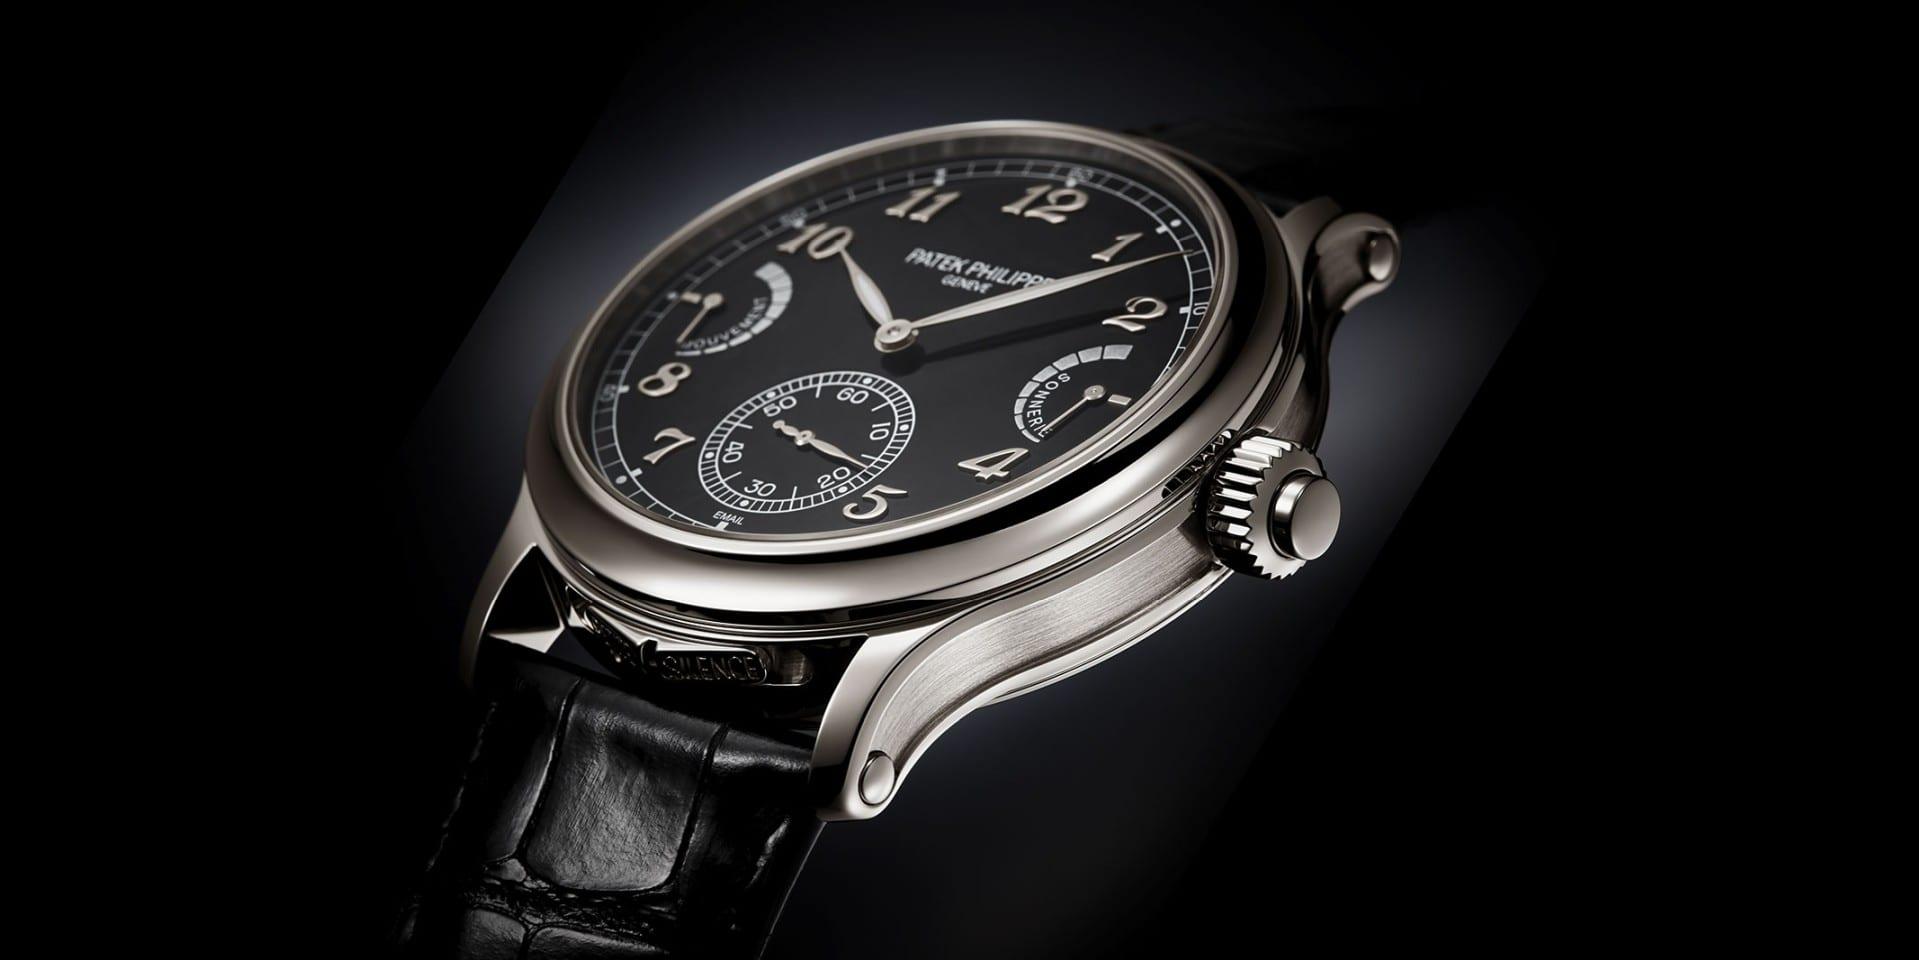 一鳴驚人:Patek Philippe大自鳴跳秒腕錶Grand Complications 6301P